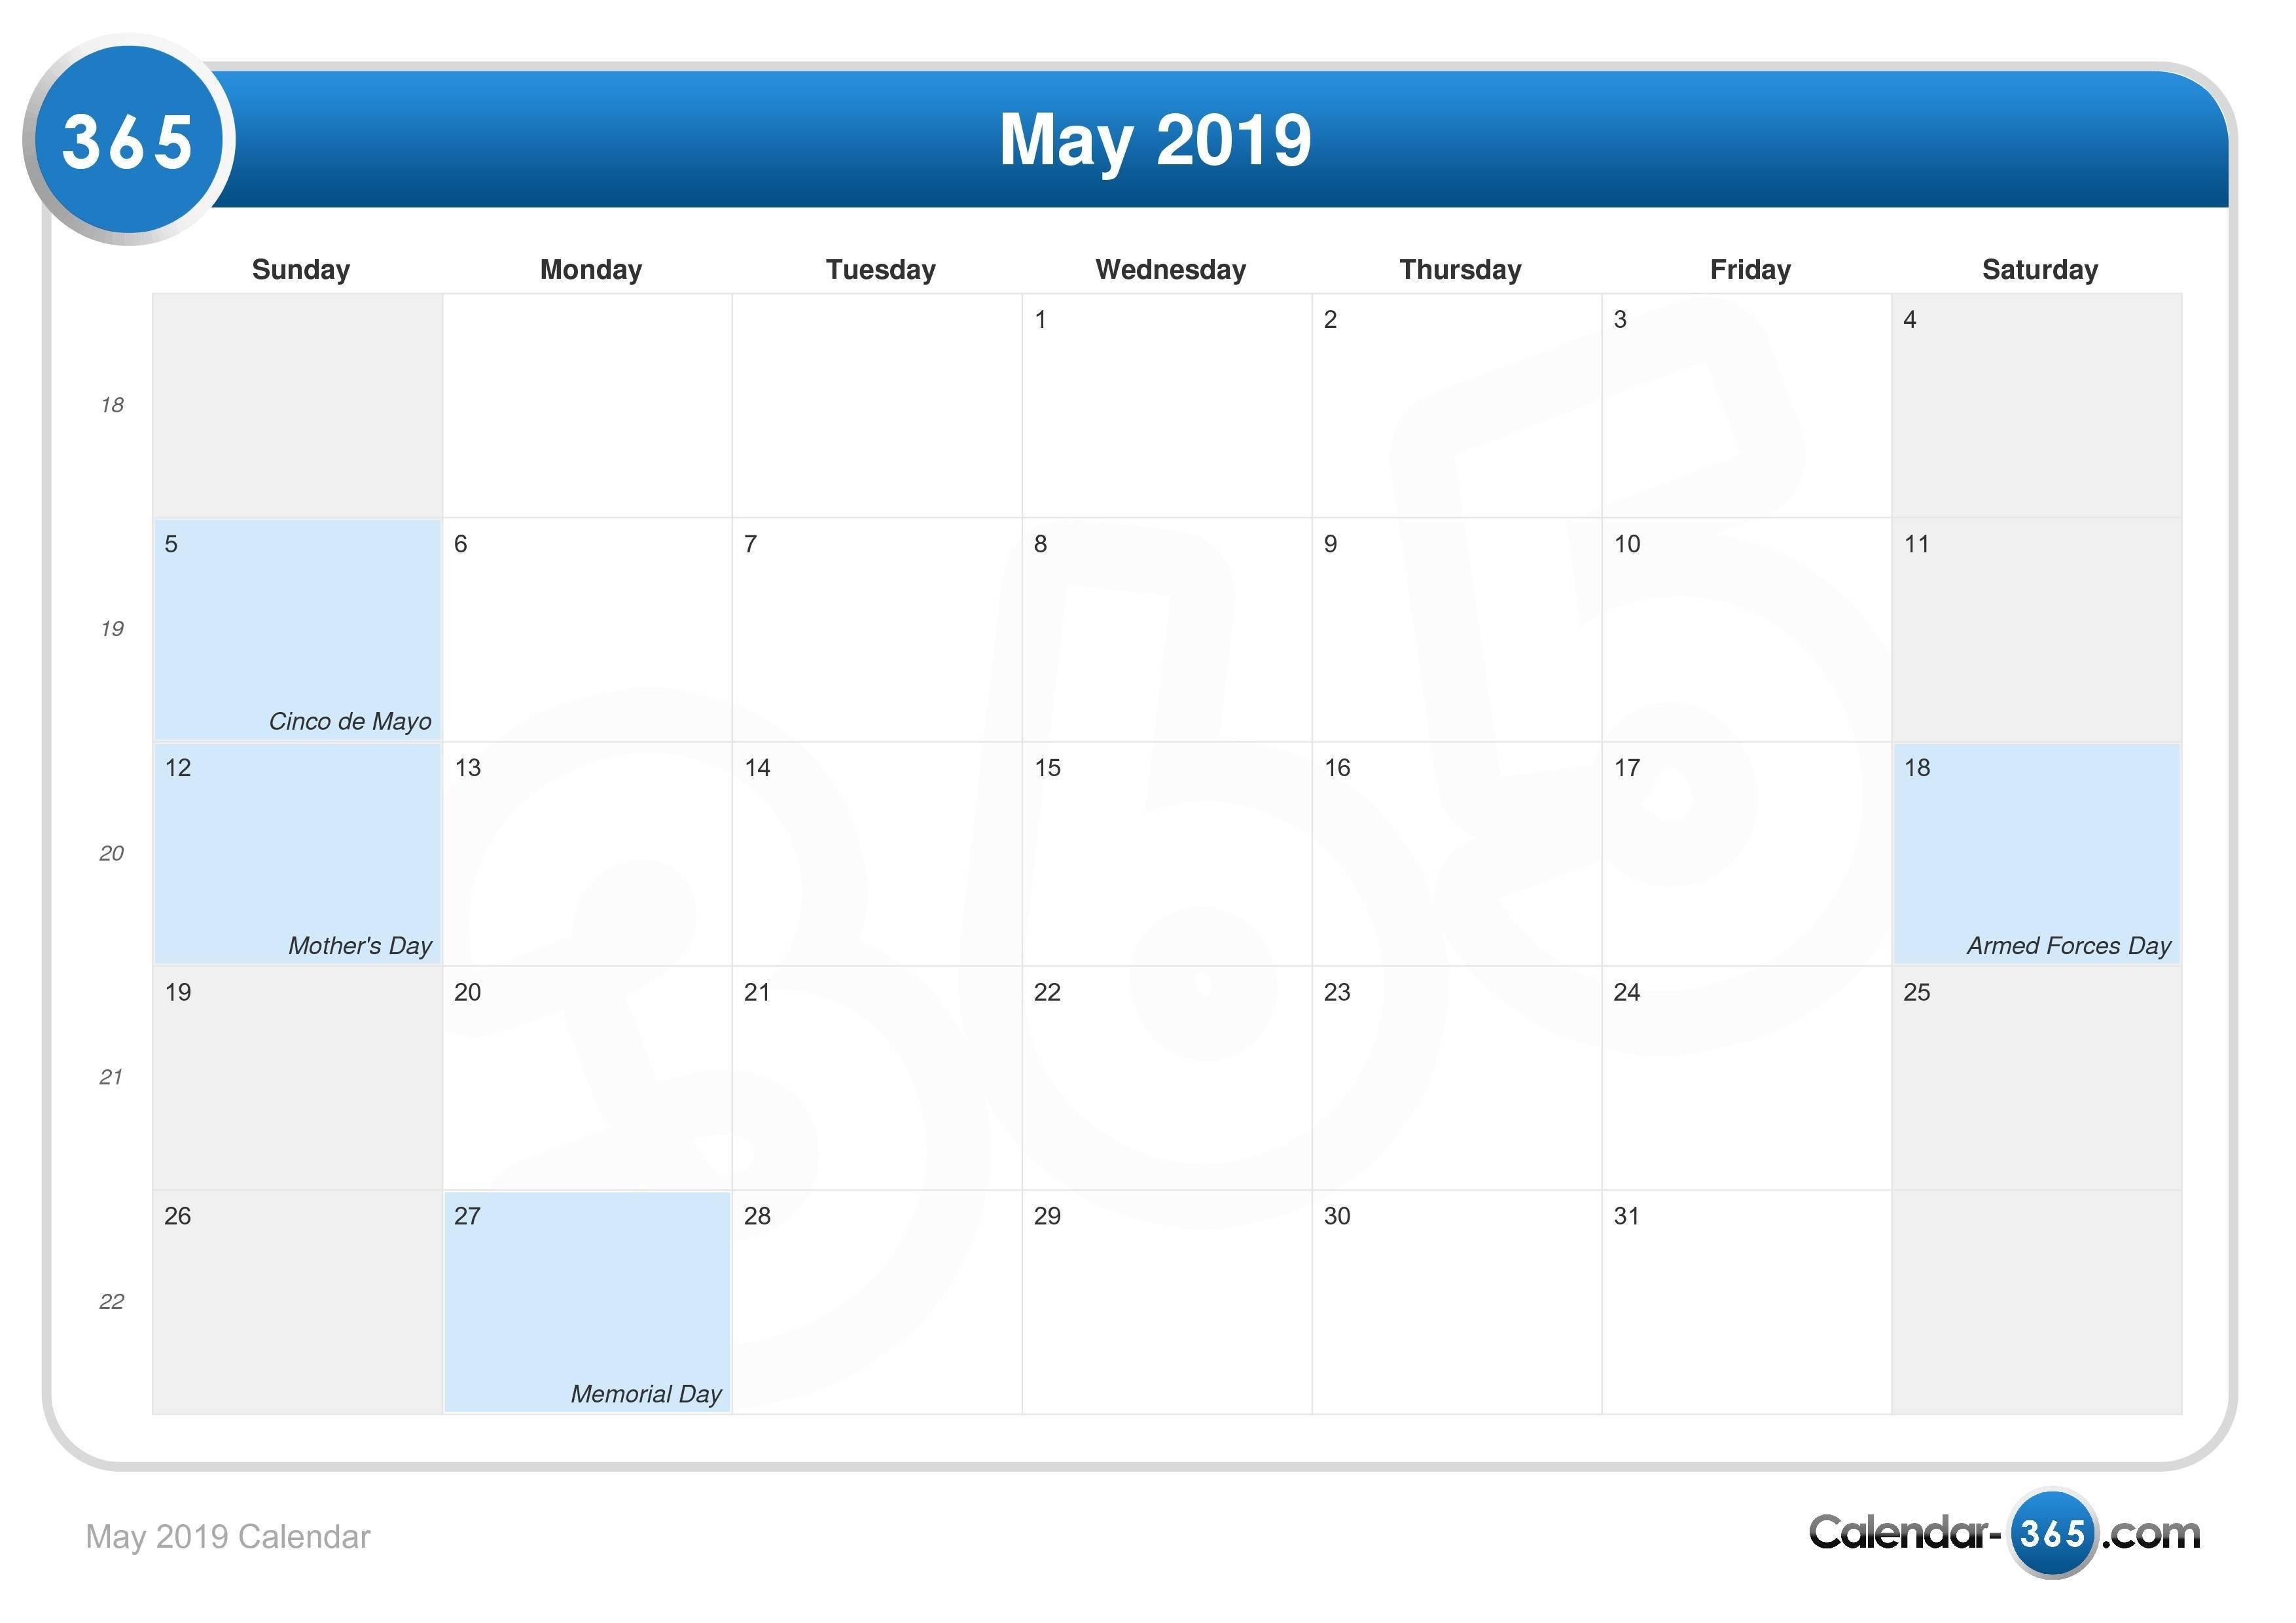 May 2019 Calendar May 2 2019 Calendar